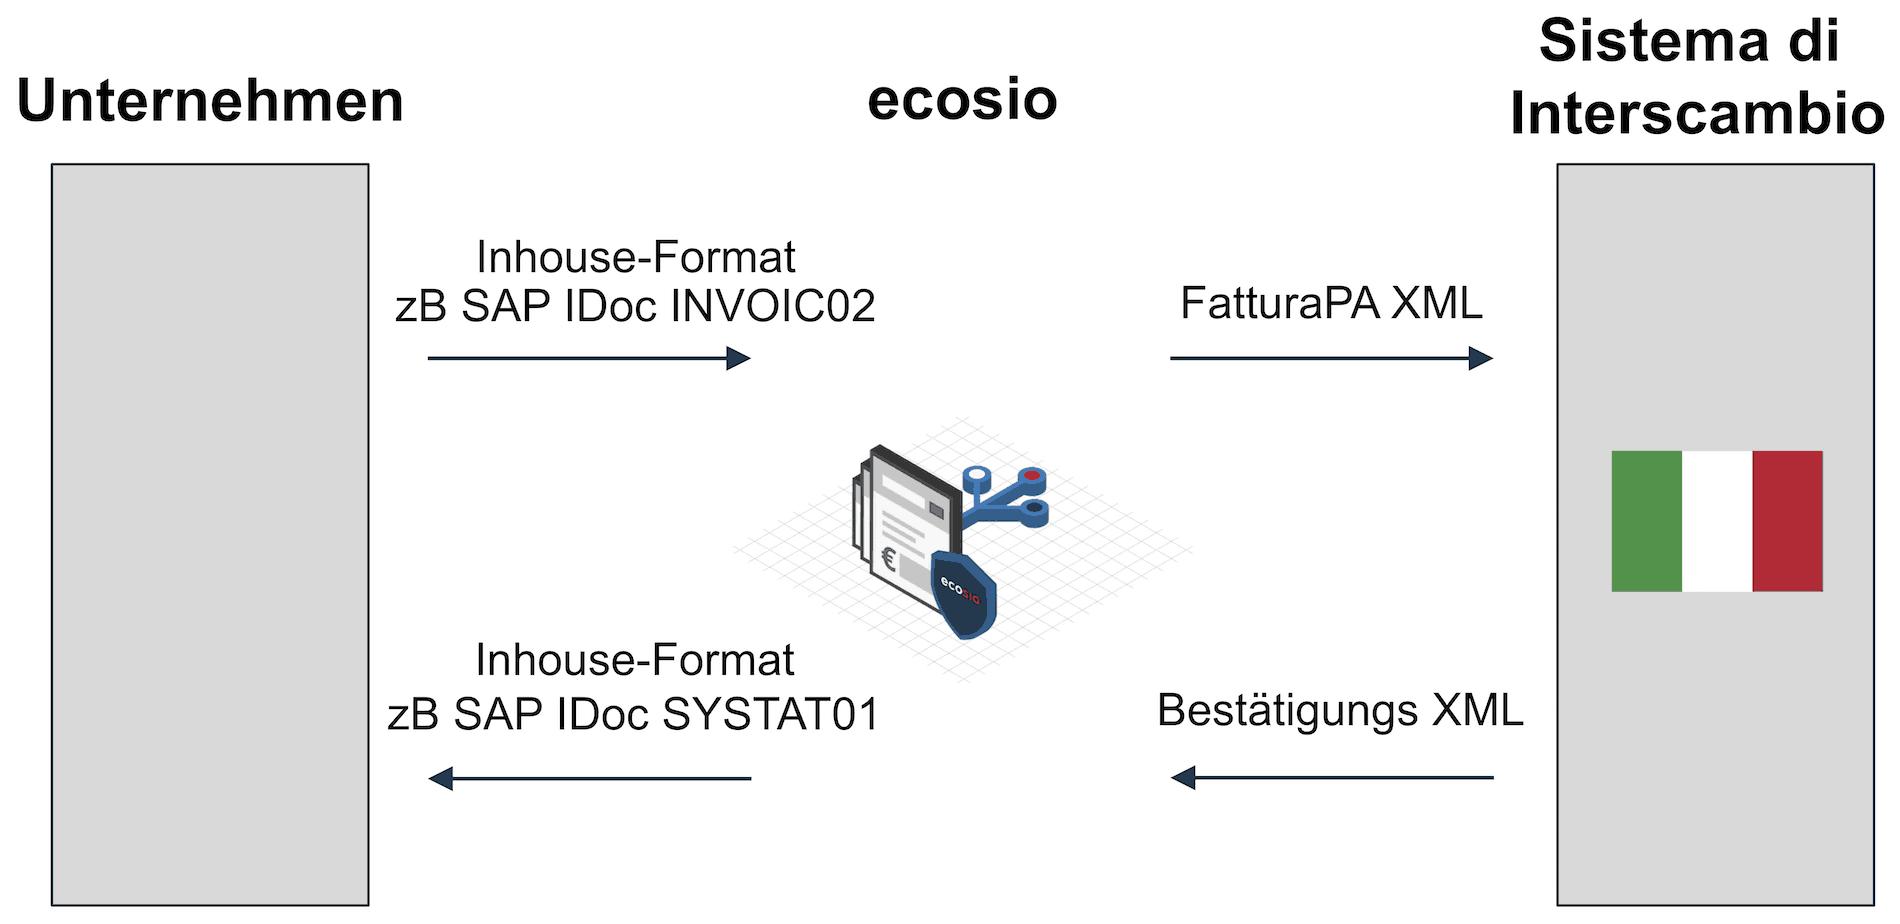 Rechnungsübermittlung im Rahmen von FatturaPA